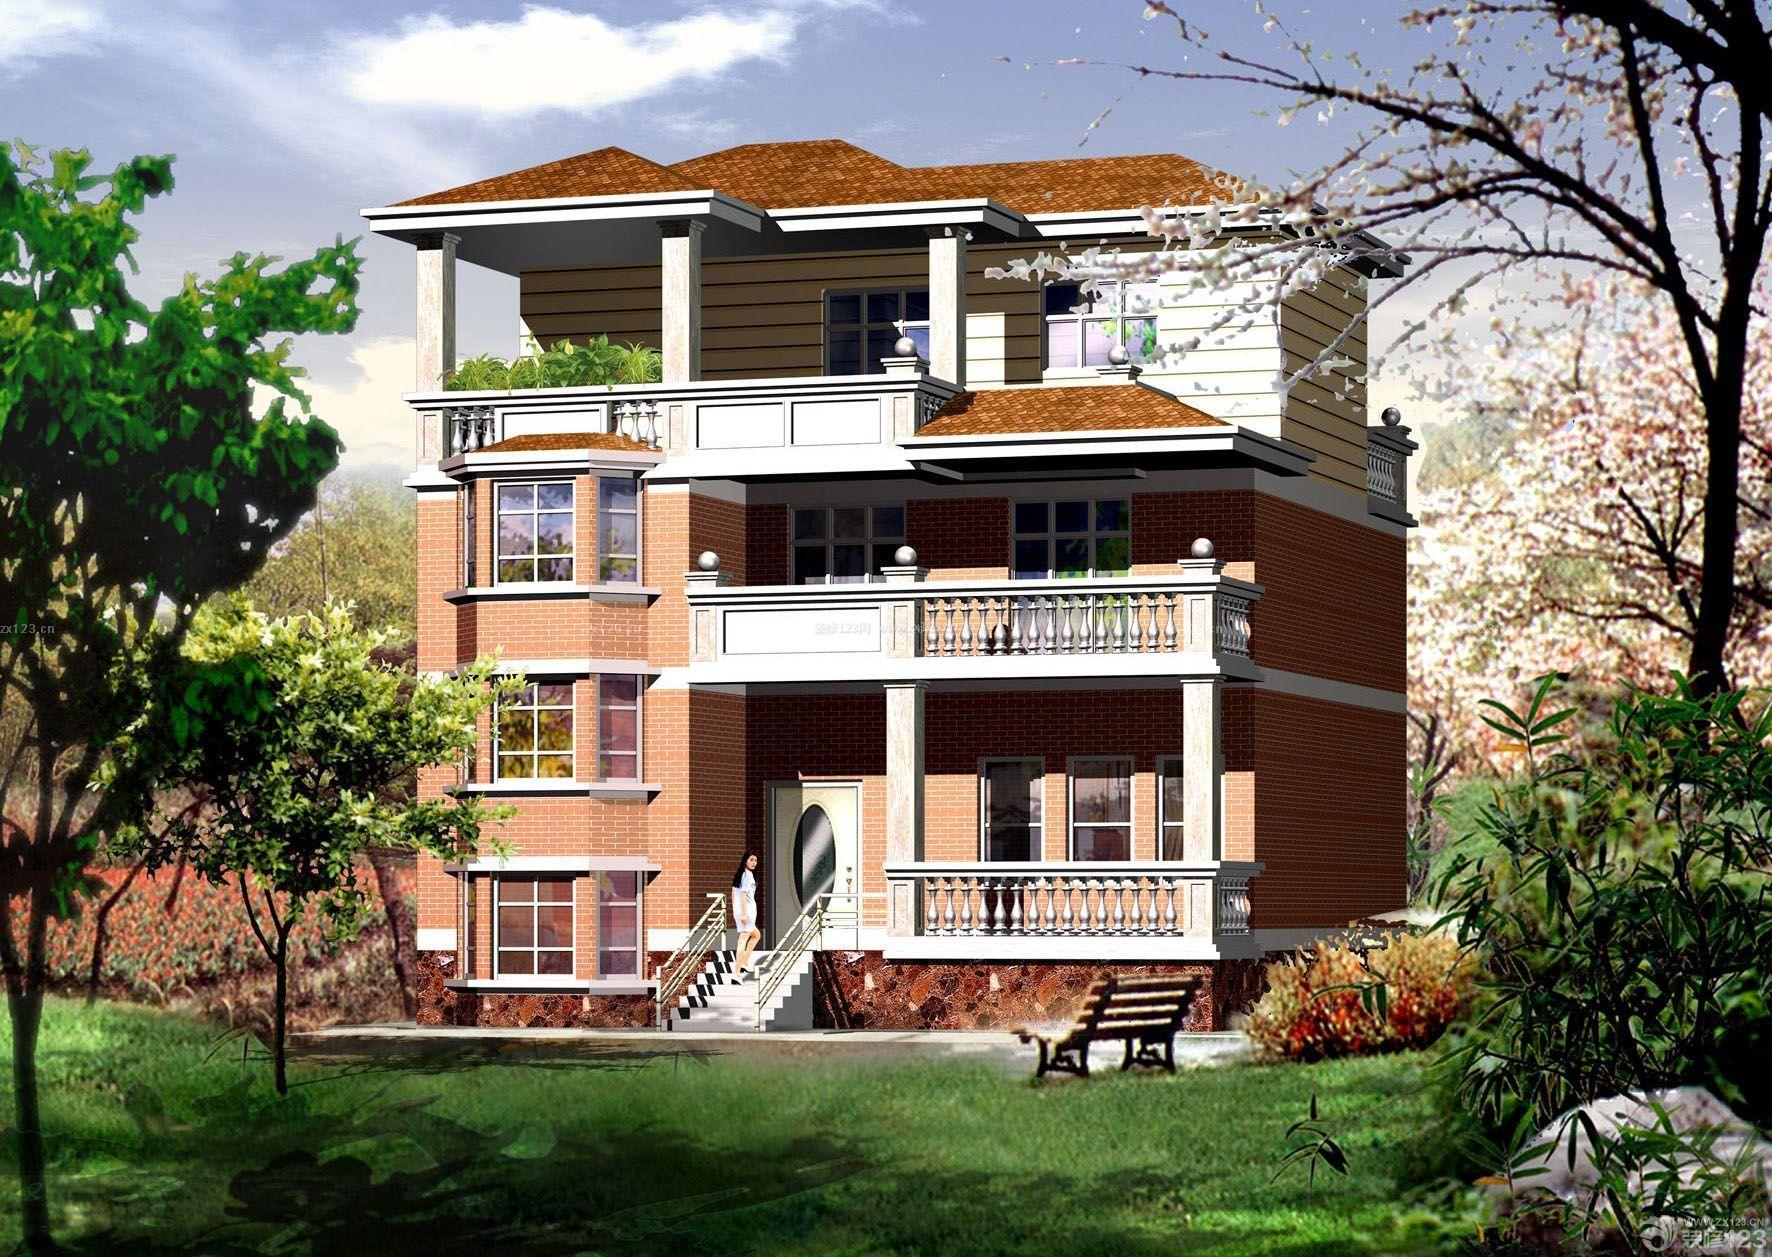 三层混搭风格南方农村房屋设计图图片